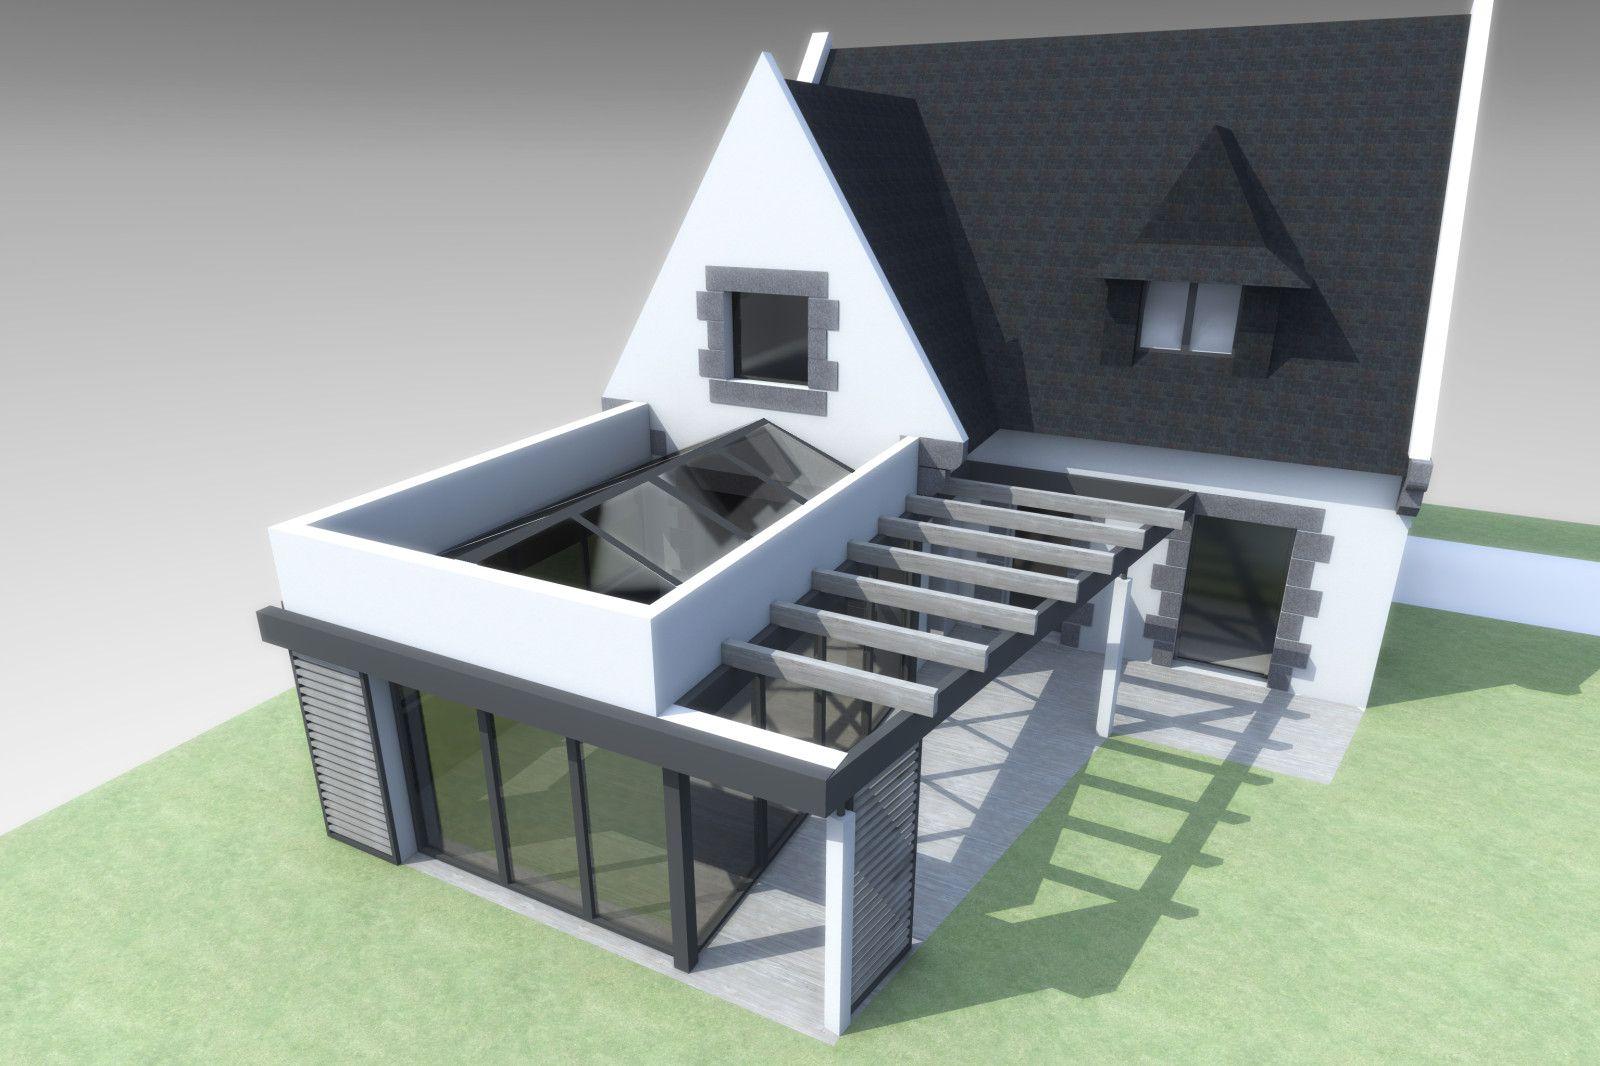 Agrandissement Maison Néo Bretonne album - maison i - extension véranda et rénovation d'une